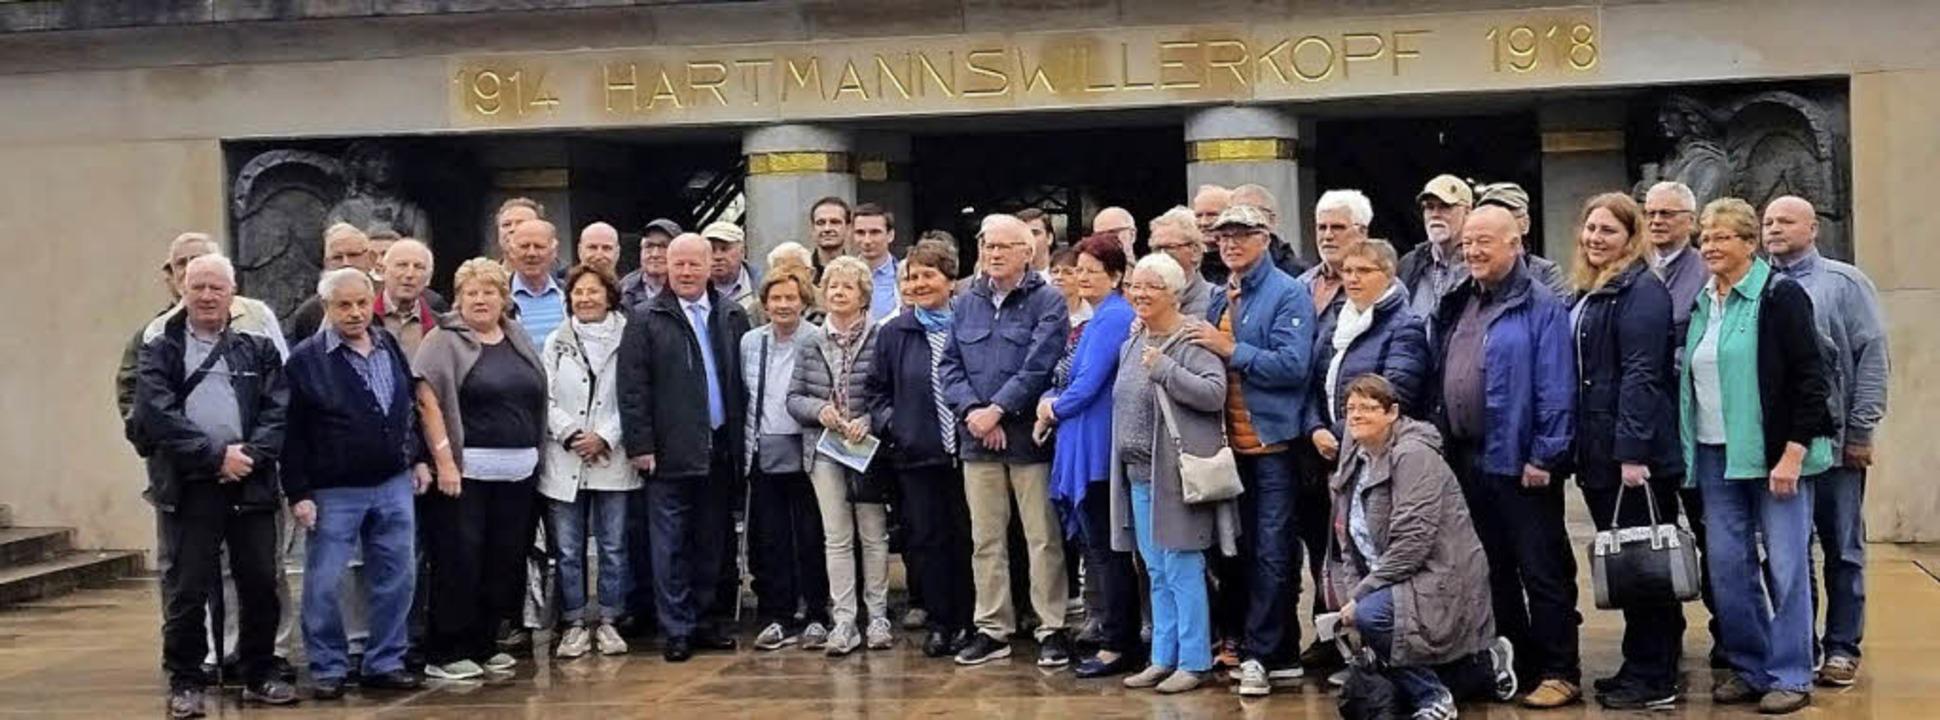 Die Besuchergruppe aus Deutschland beim Hartmannsweilerkopf im Elsass    | Foto: Heinz Siebold